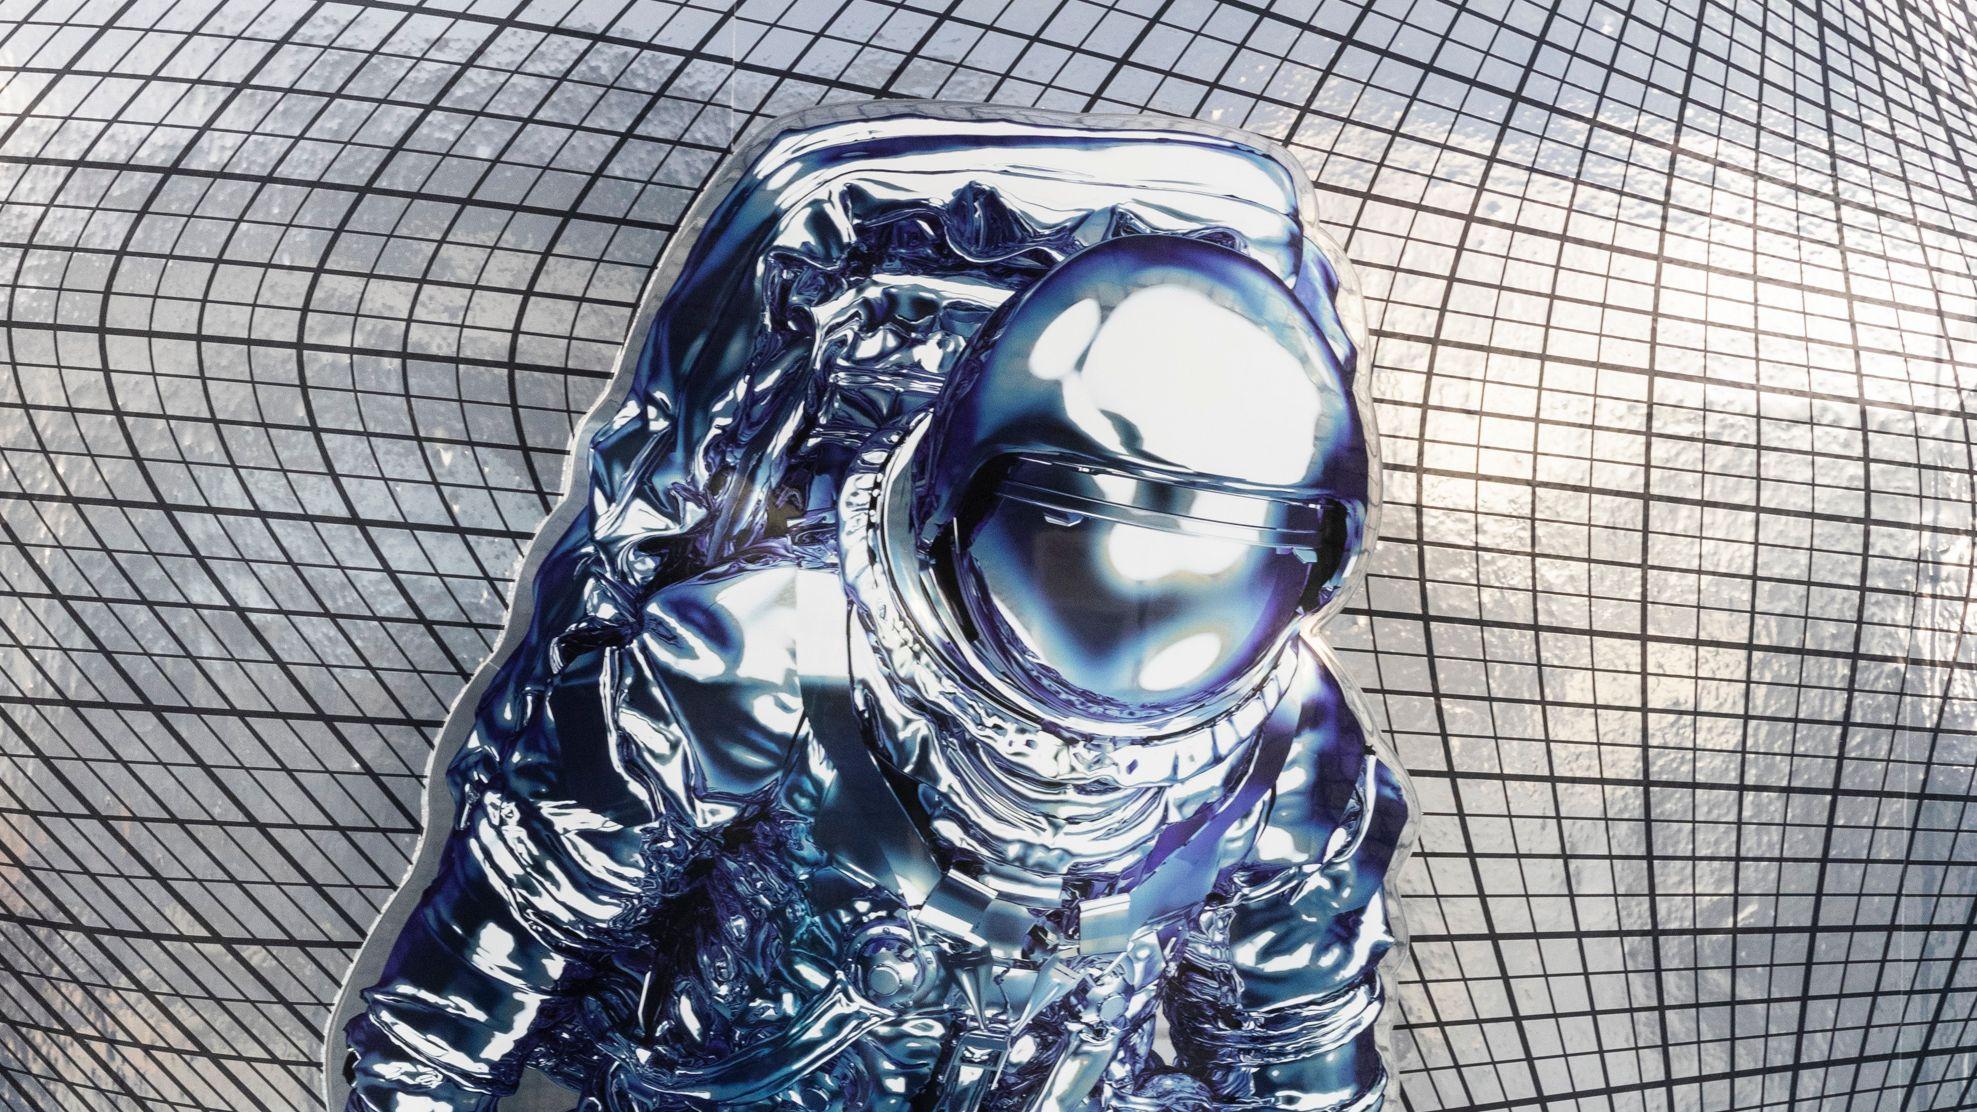 Ein Astronaut in silbernem Anzug schwebt durch einen Raum, der von einem Netzgitter umgeben ist.